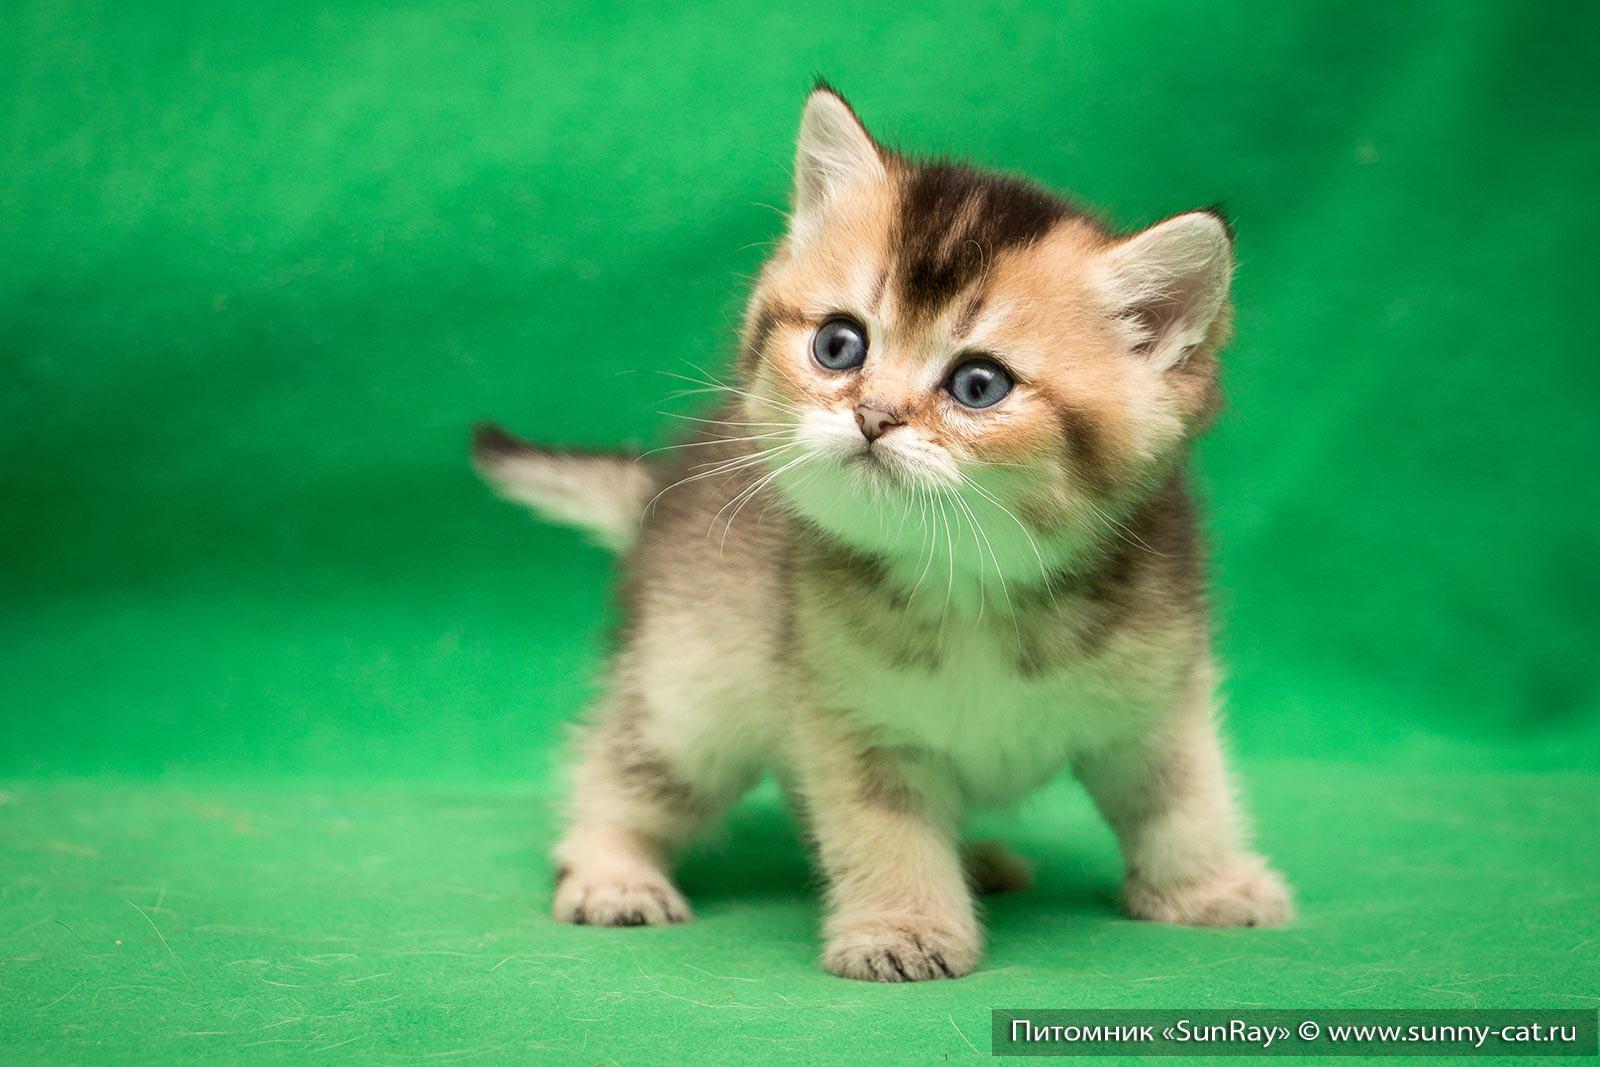 Марсель имя кота